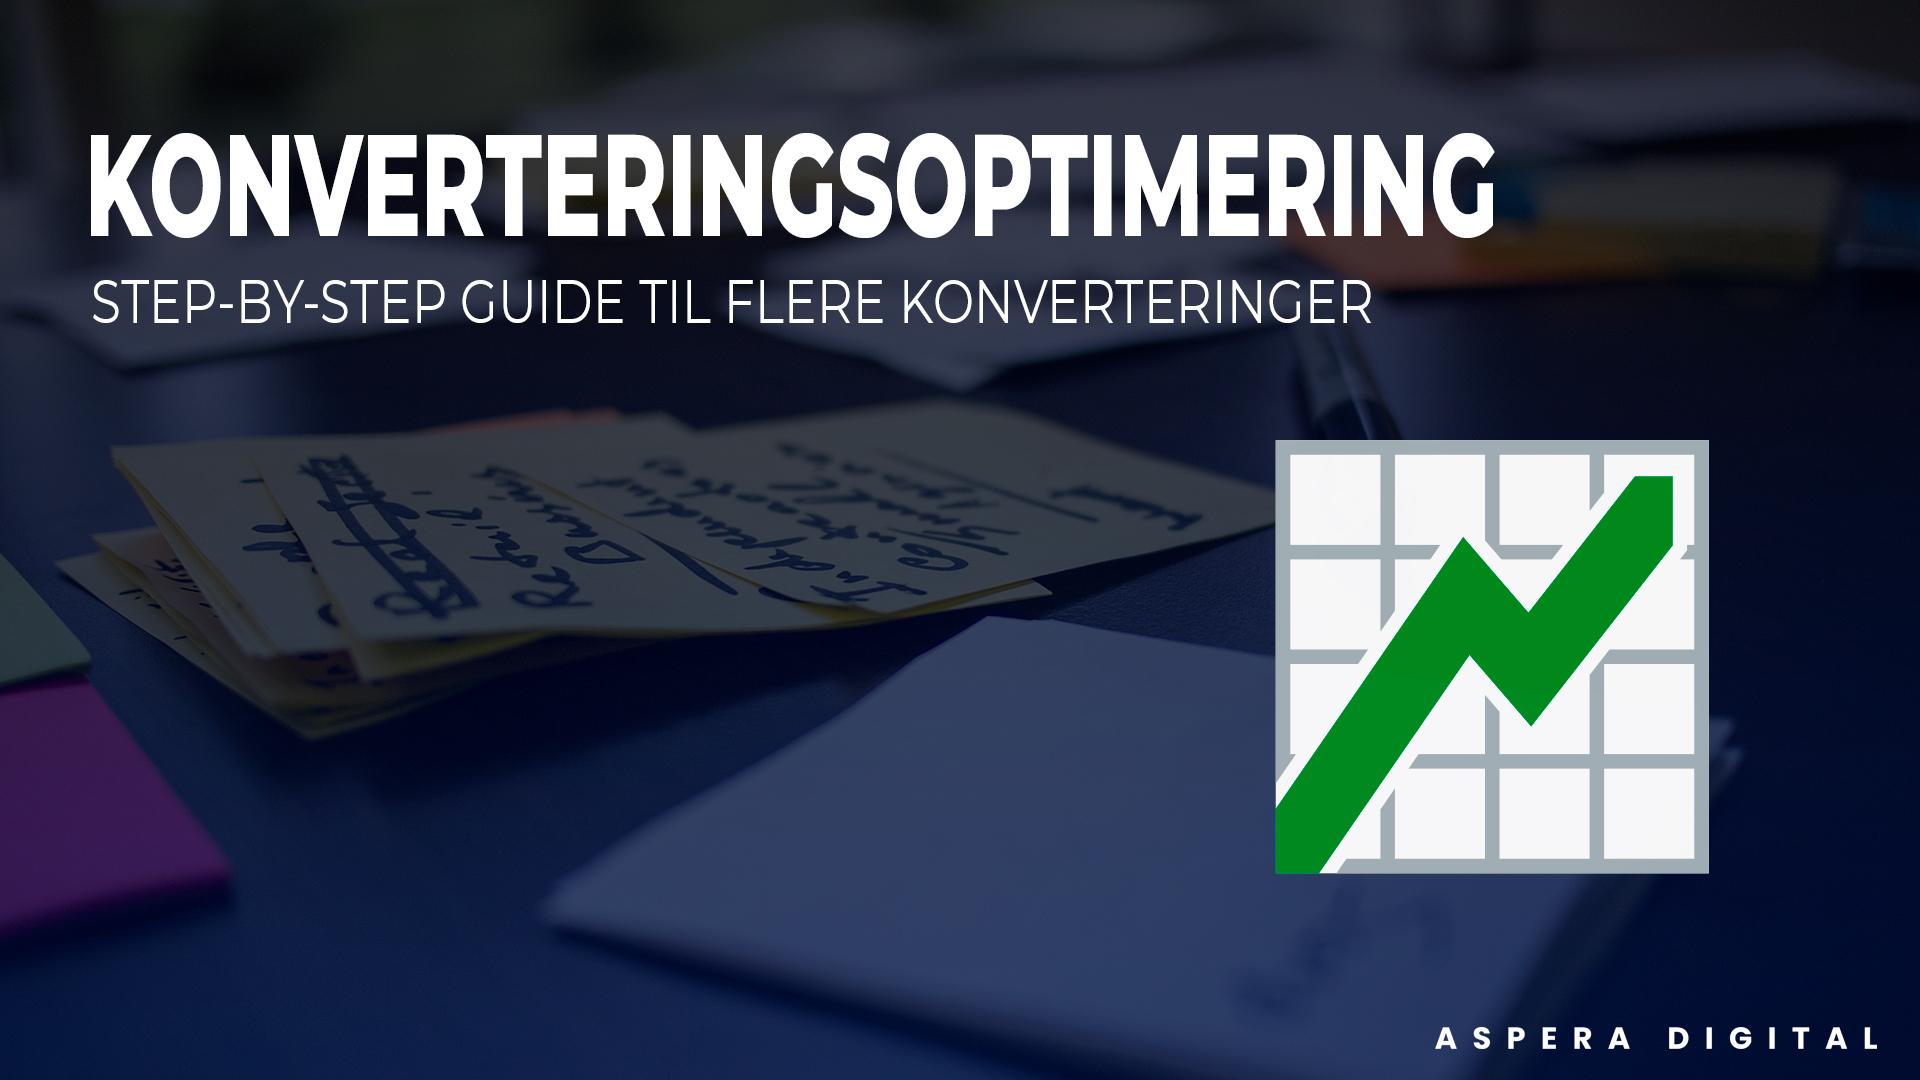 konverteringsoptimering guide